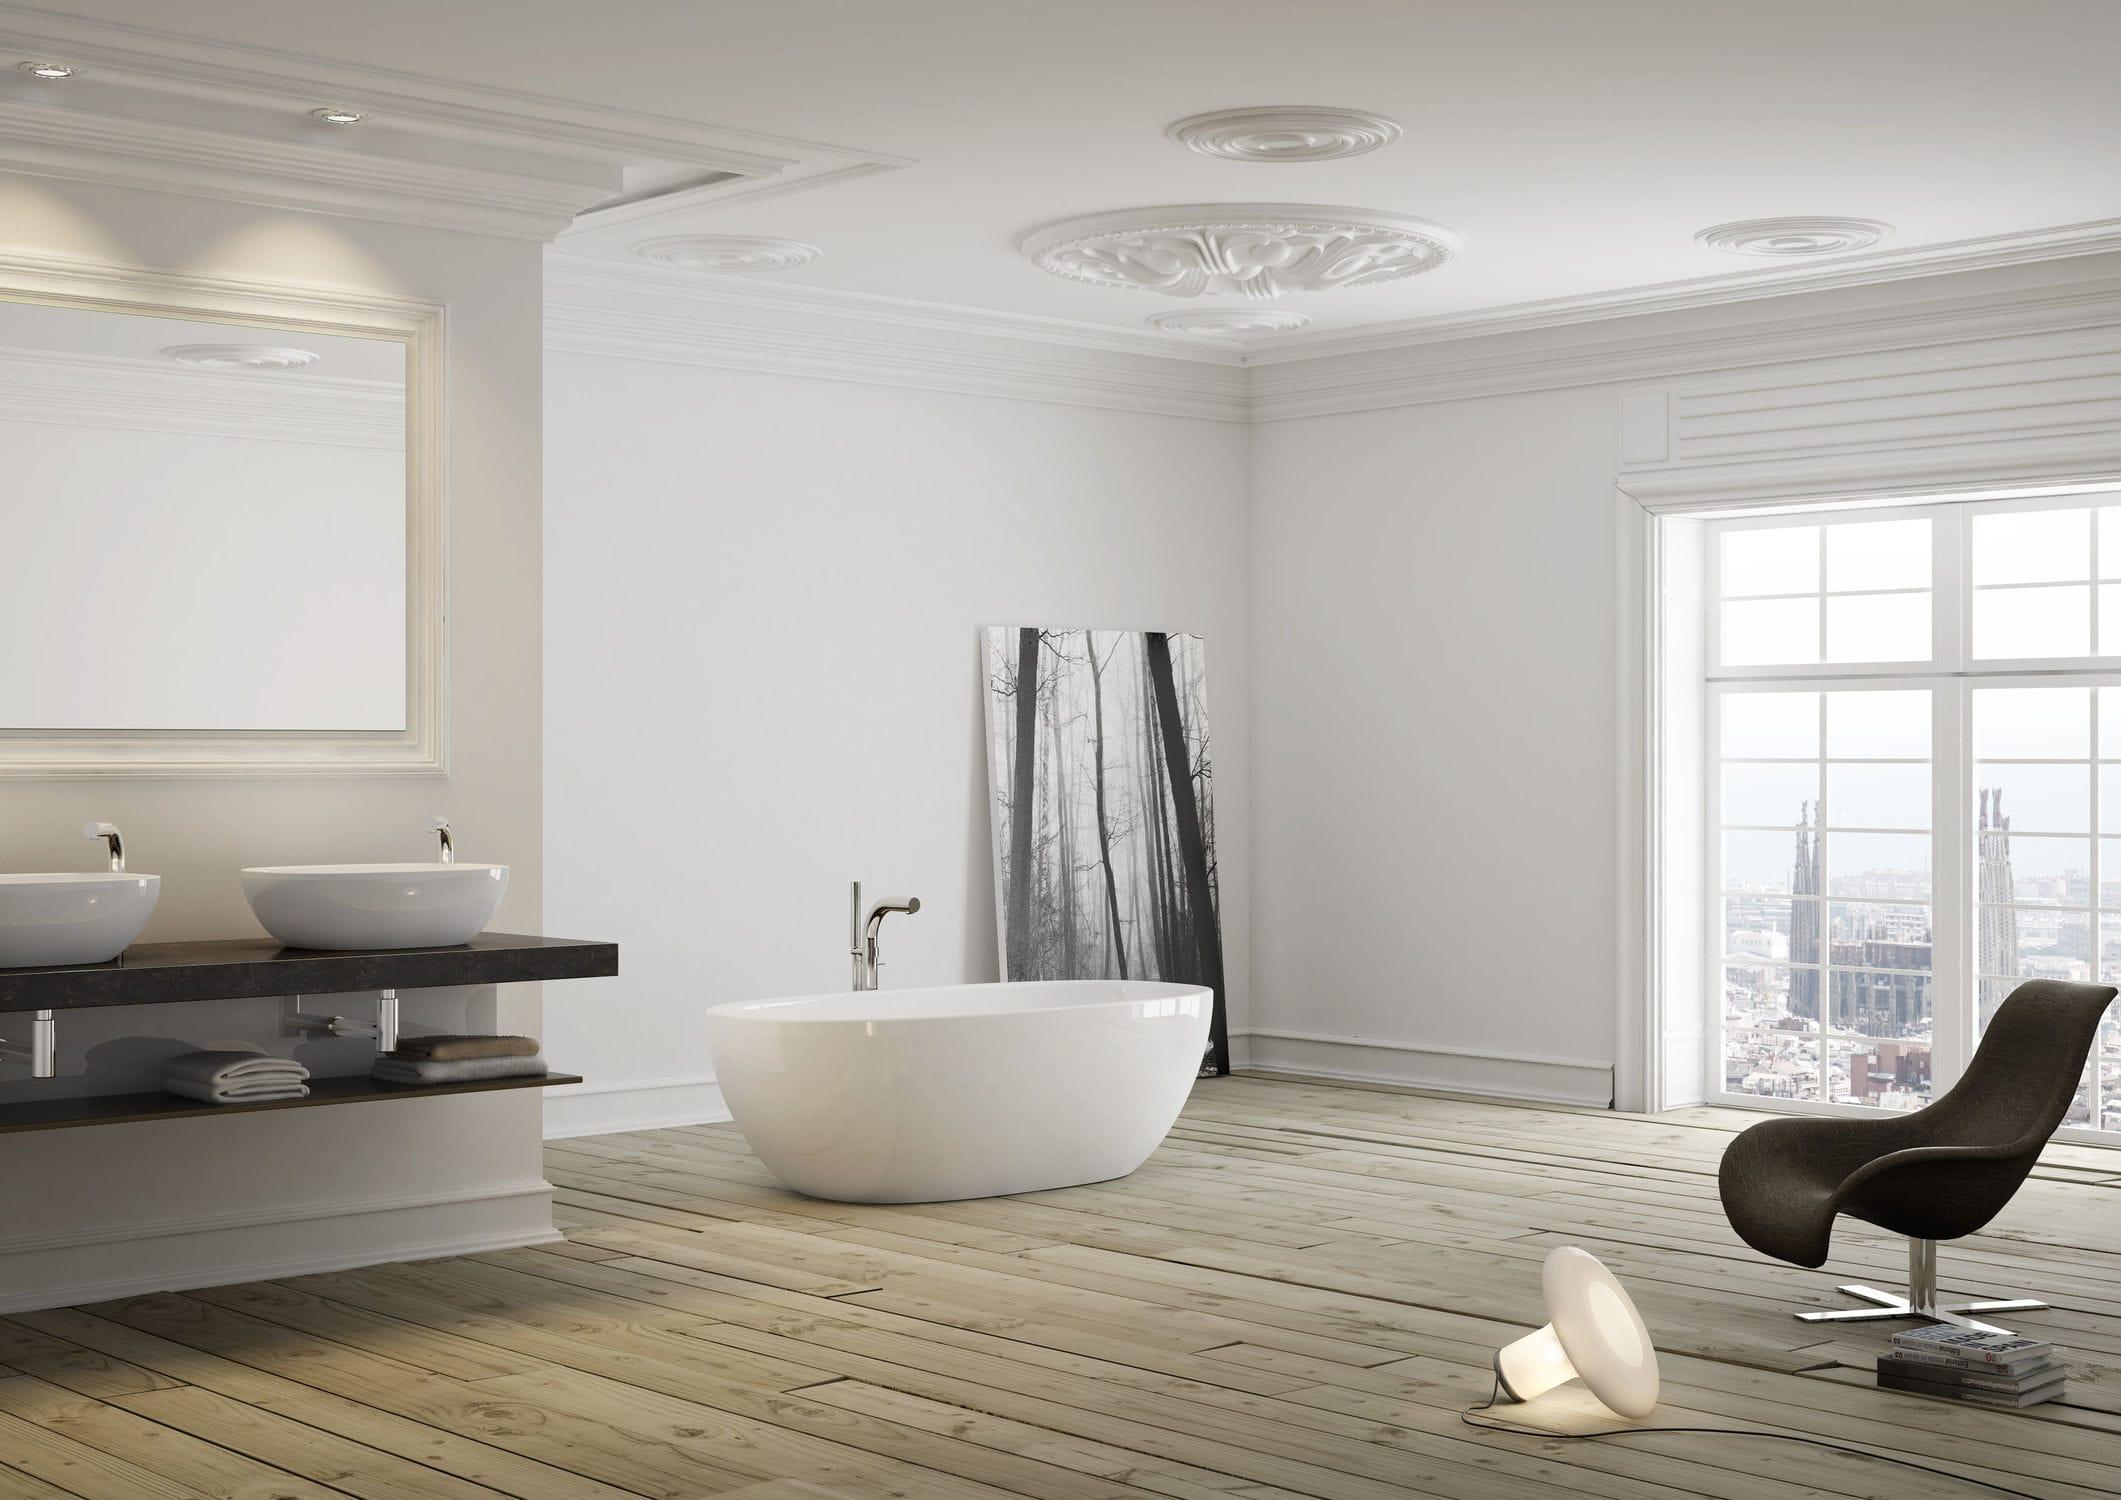 Vasca Da Bagno Resina Prezzi : Vasca da bagno ad isola ovale in resina in pietra calcarea